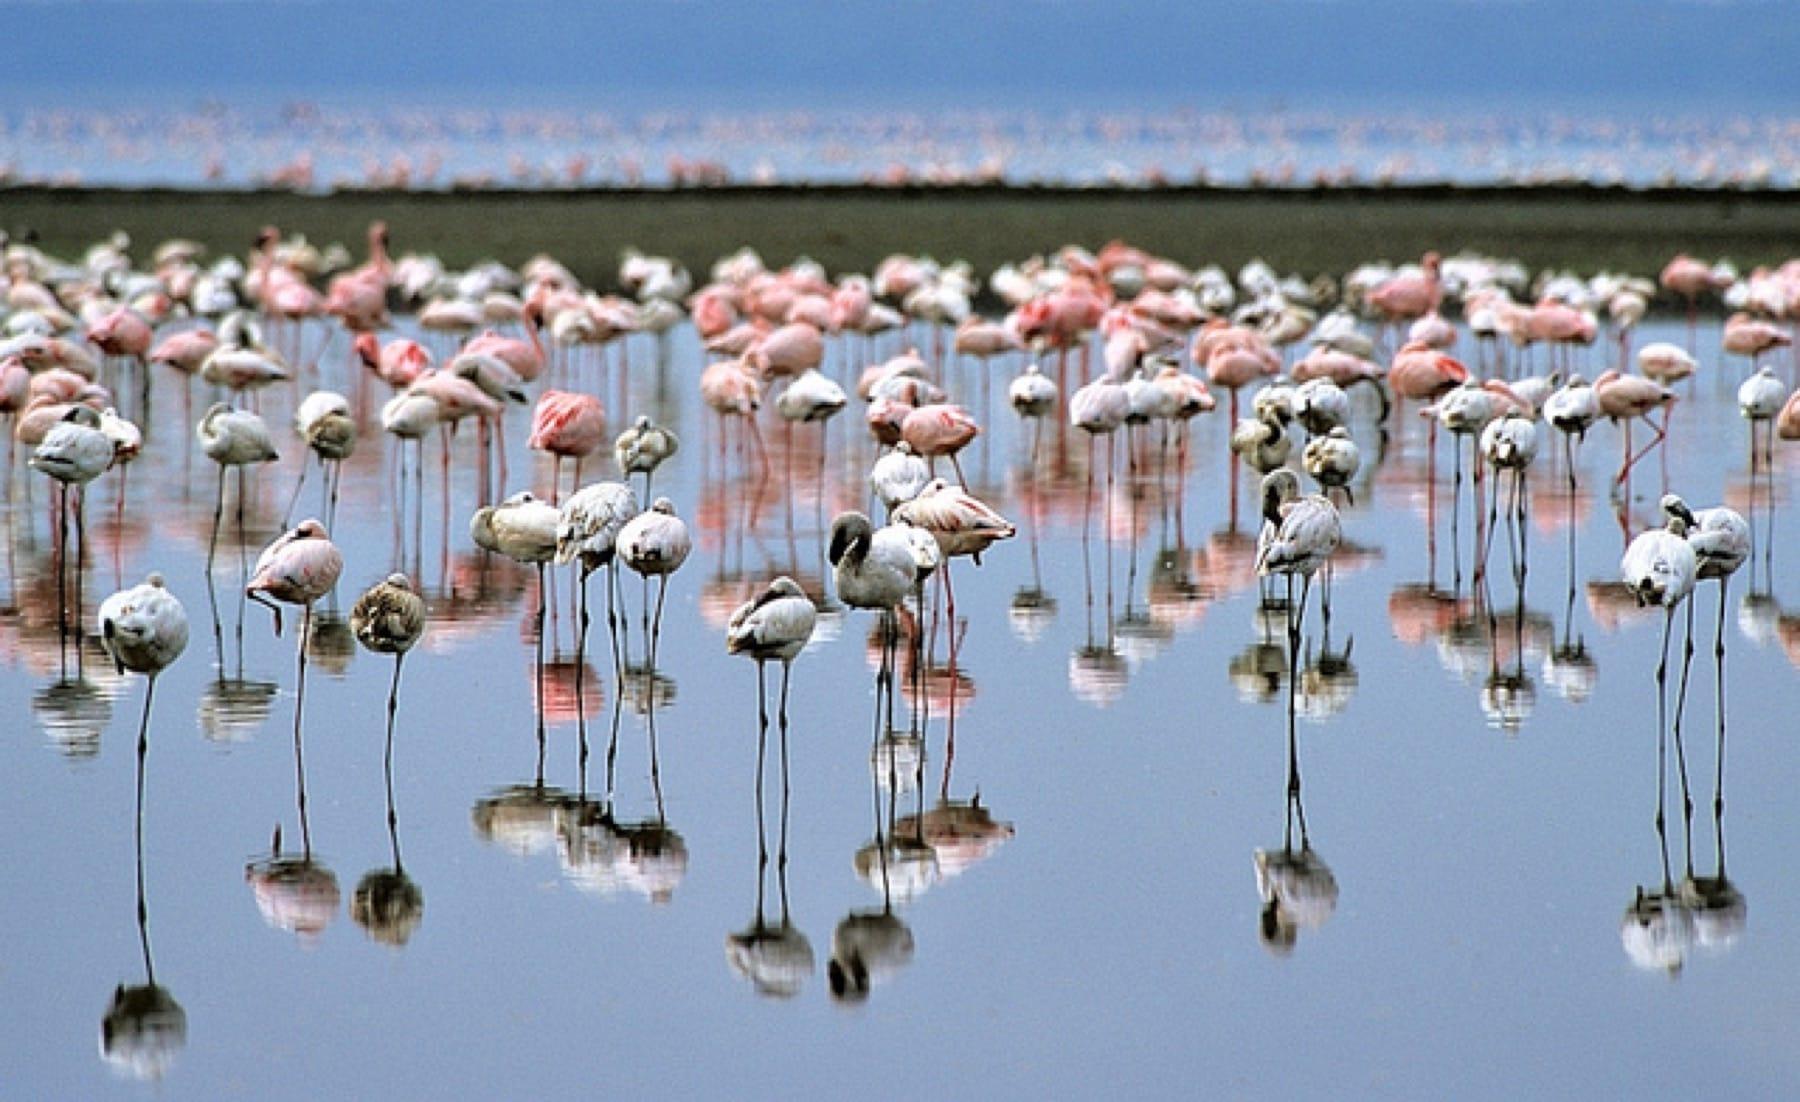 Kenya, Lesser flamingos|